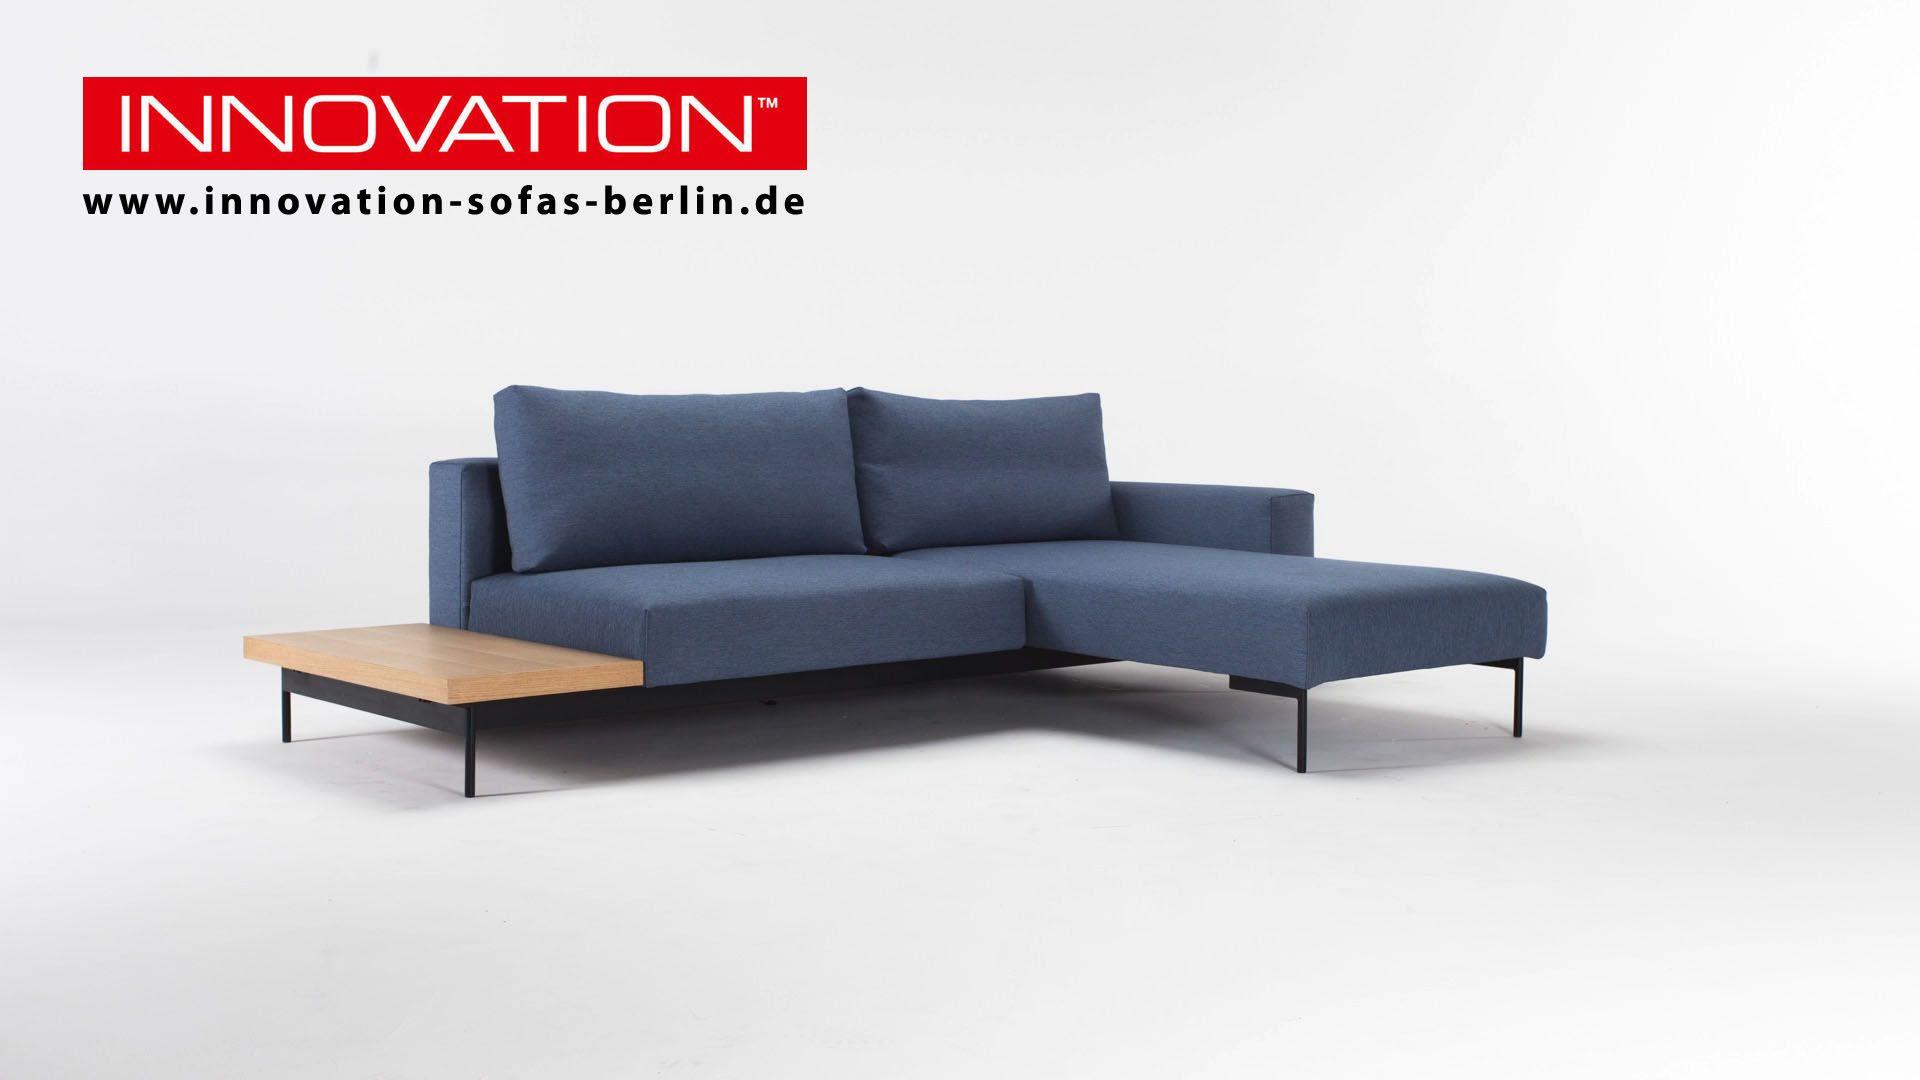 Cor Schlafsofa modulares schlafsofa bragi innovation bei innovation sofas